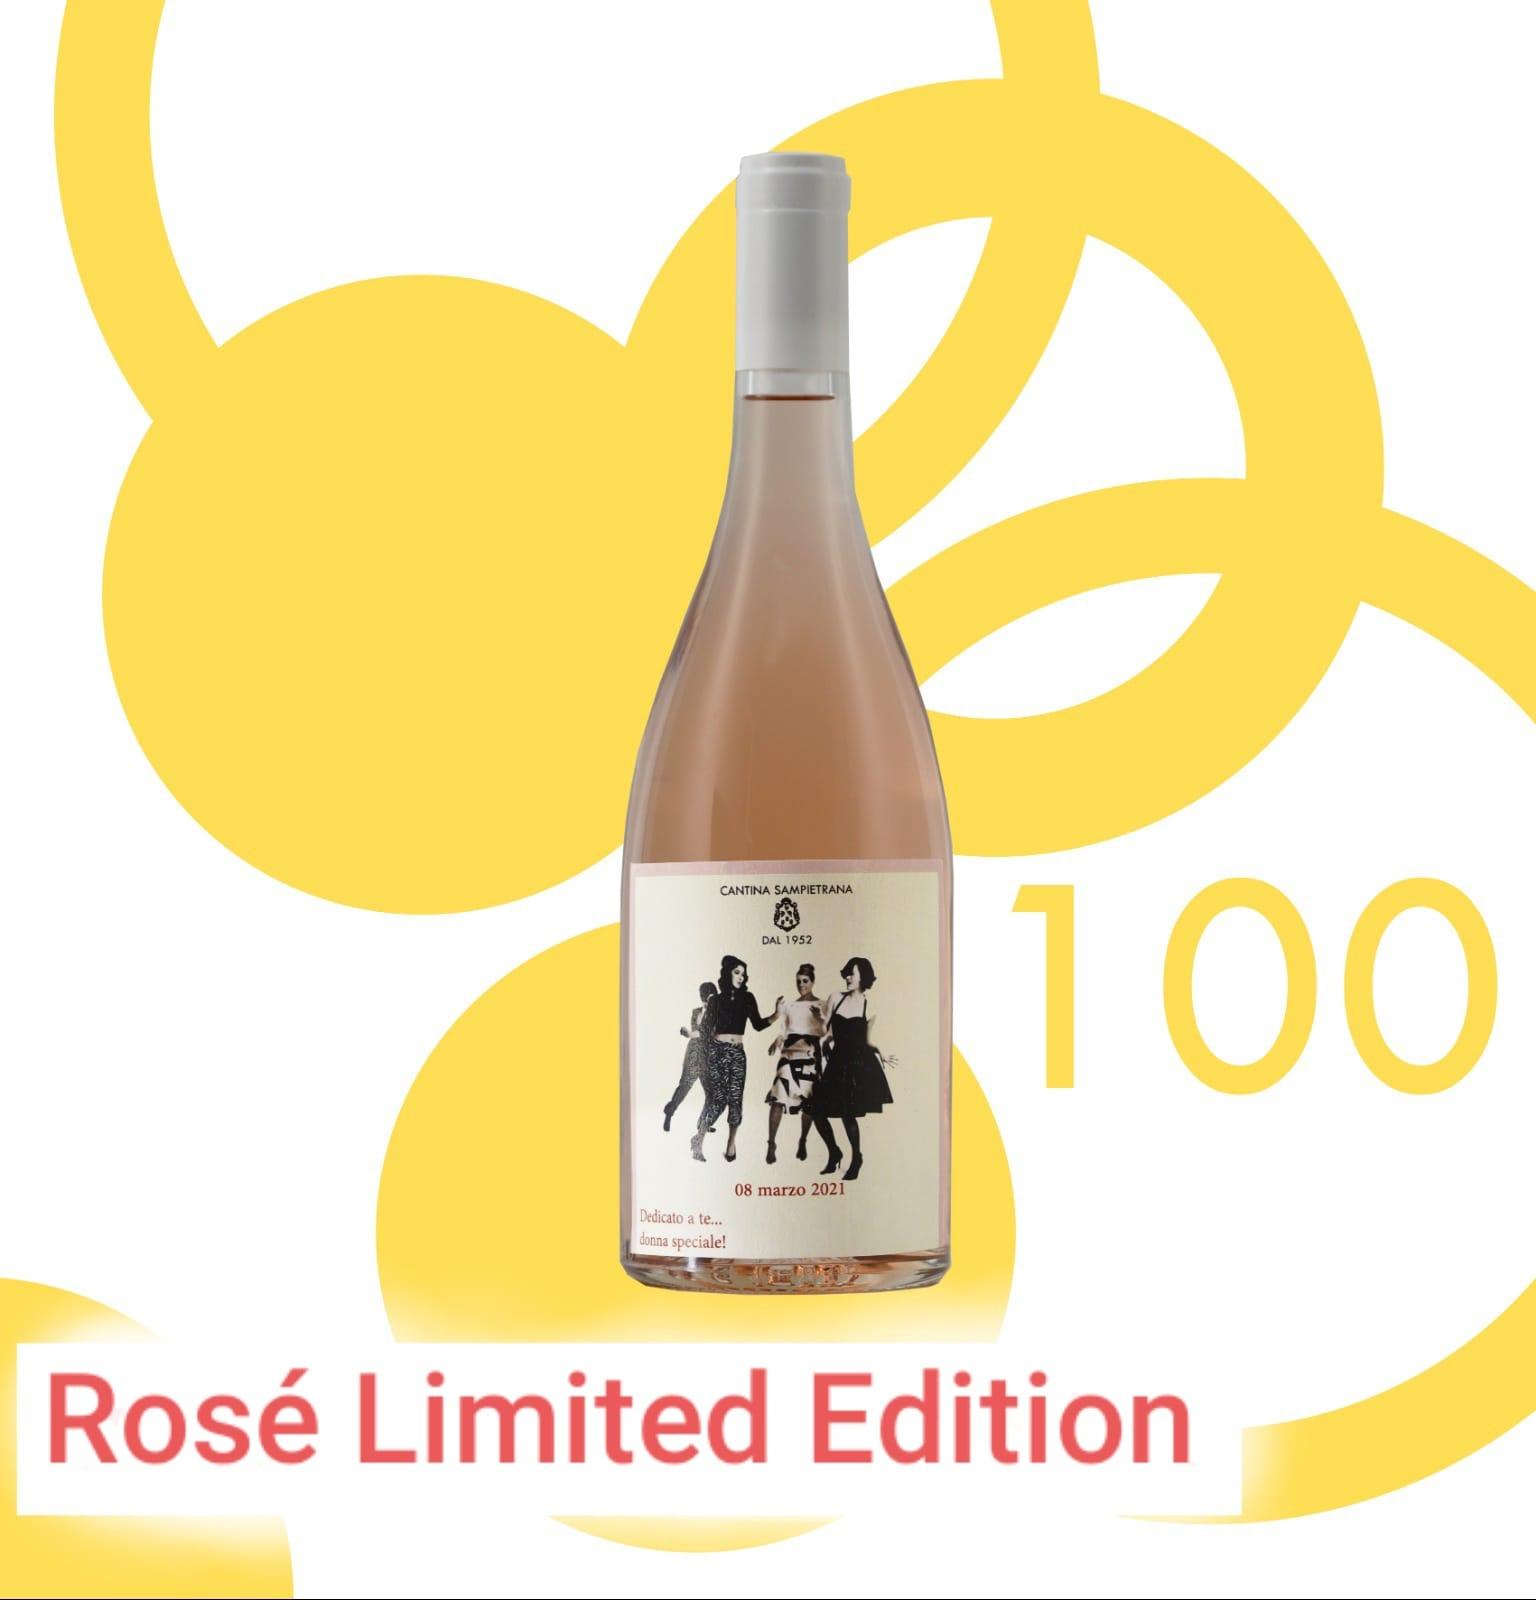 StillaRosea | Salento IGP Rosato Primitivo – Limited Edition – Degustazione con Stile 🌹